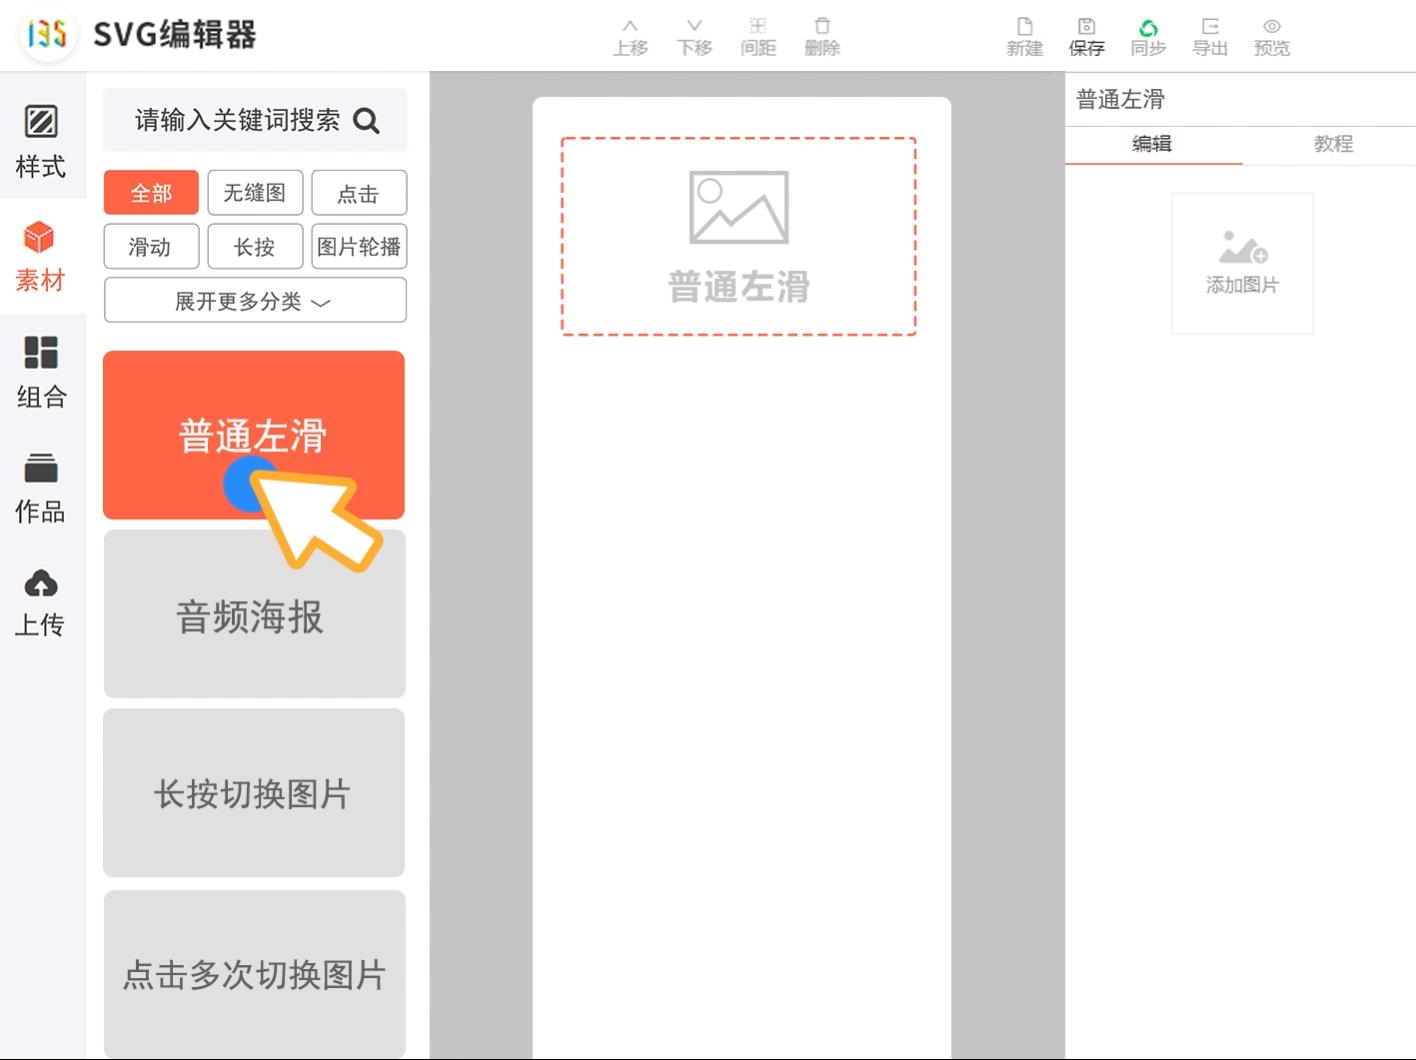 SVG编辑器